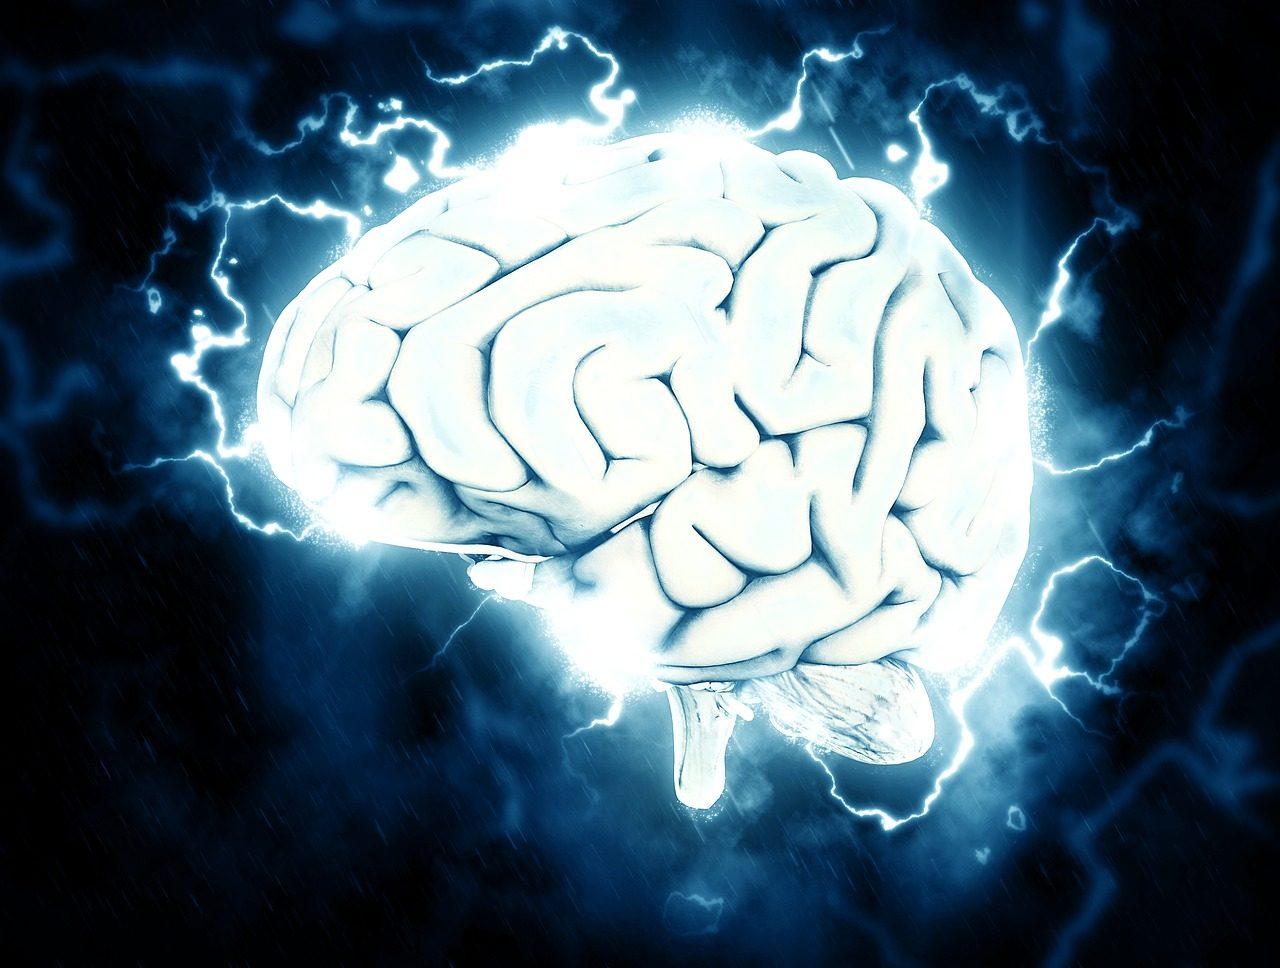 brain-1845962_1280-1280x968.jpg